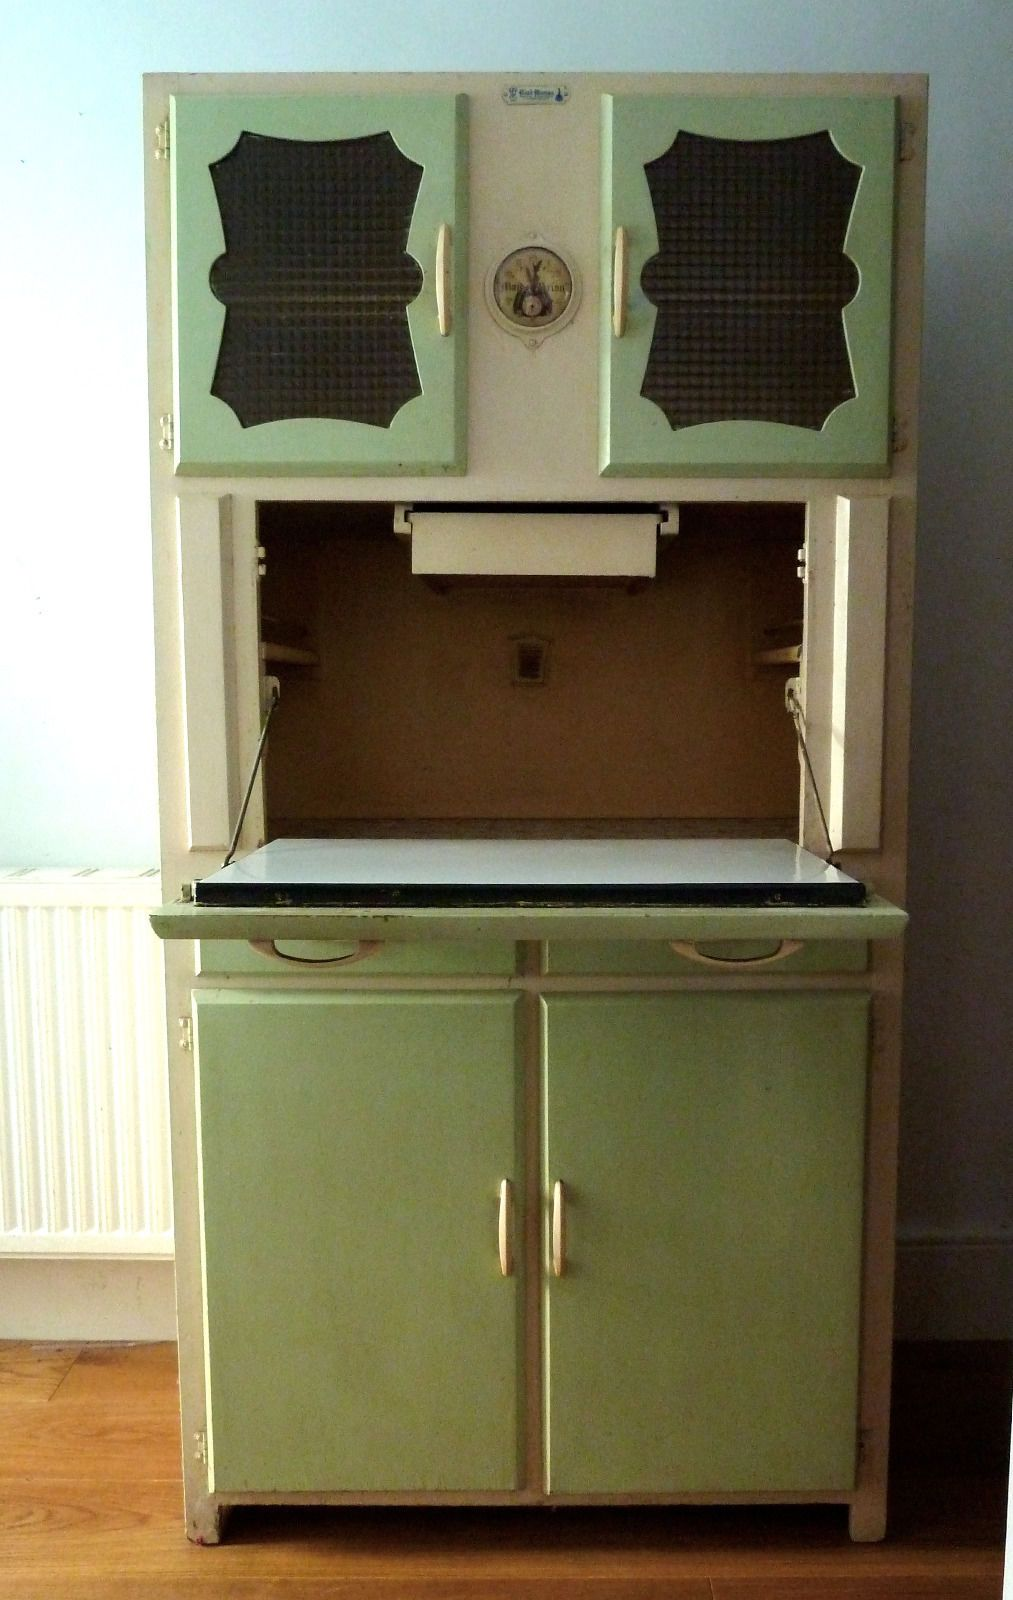 Genial Vintage U201cMaid Marionu201d Retro Kitchen / Kitchenette Unit. 1950s 1960s | EBay  Kitchen